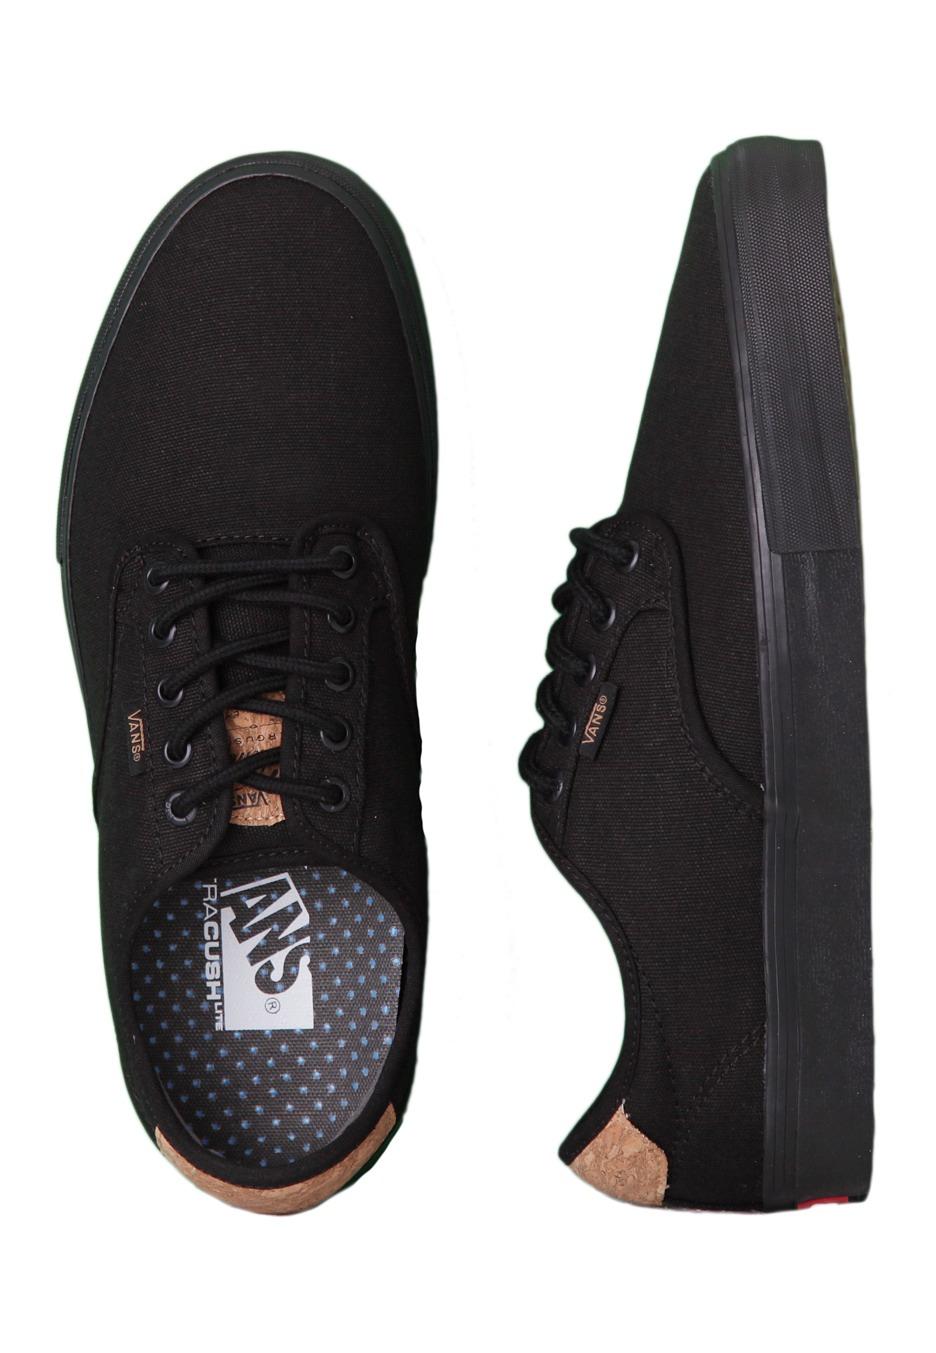 Vans - Chima Ferguson Pro Cork Black - Shoes - Impericon.com UK 7d3853da75df